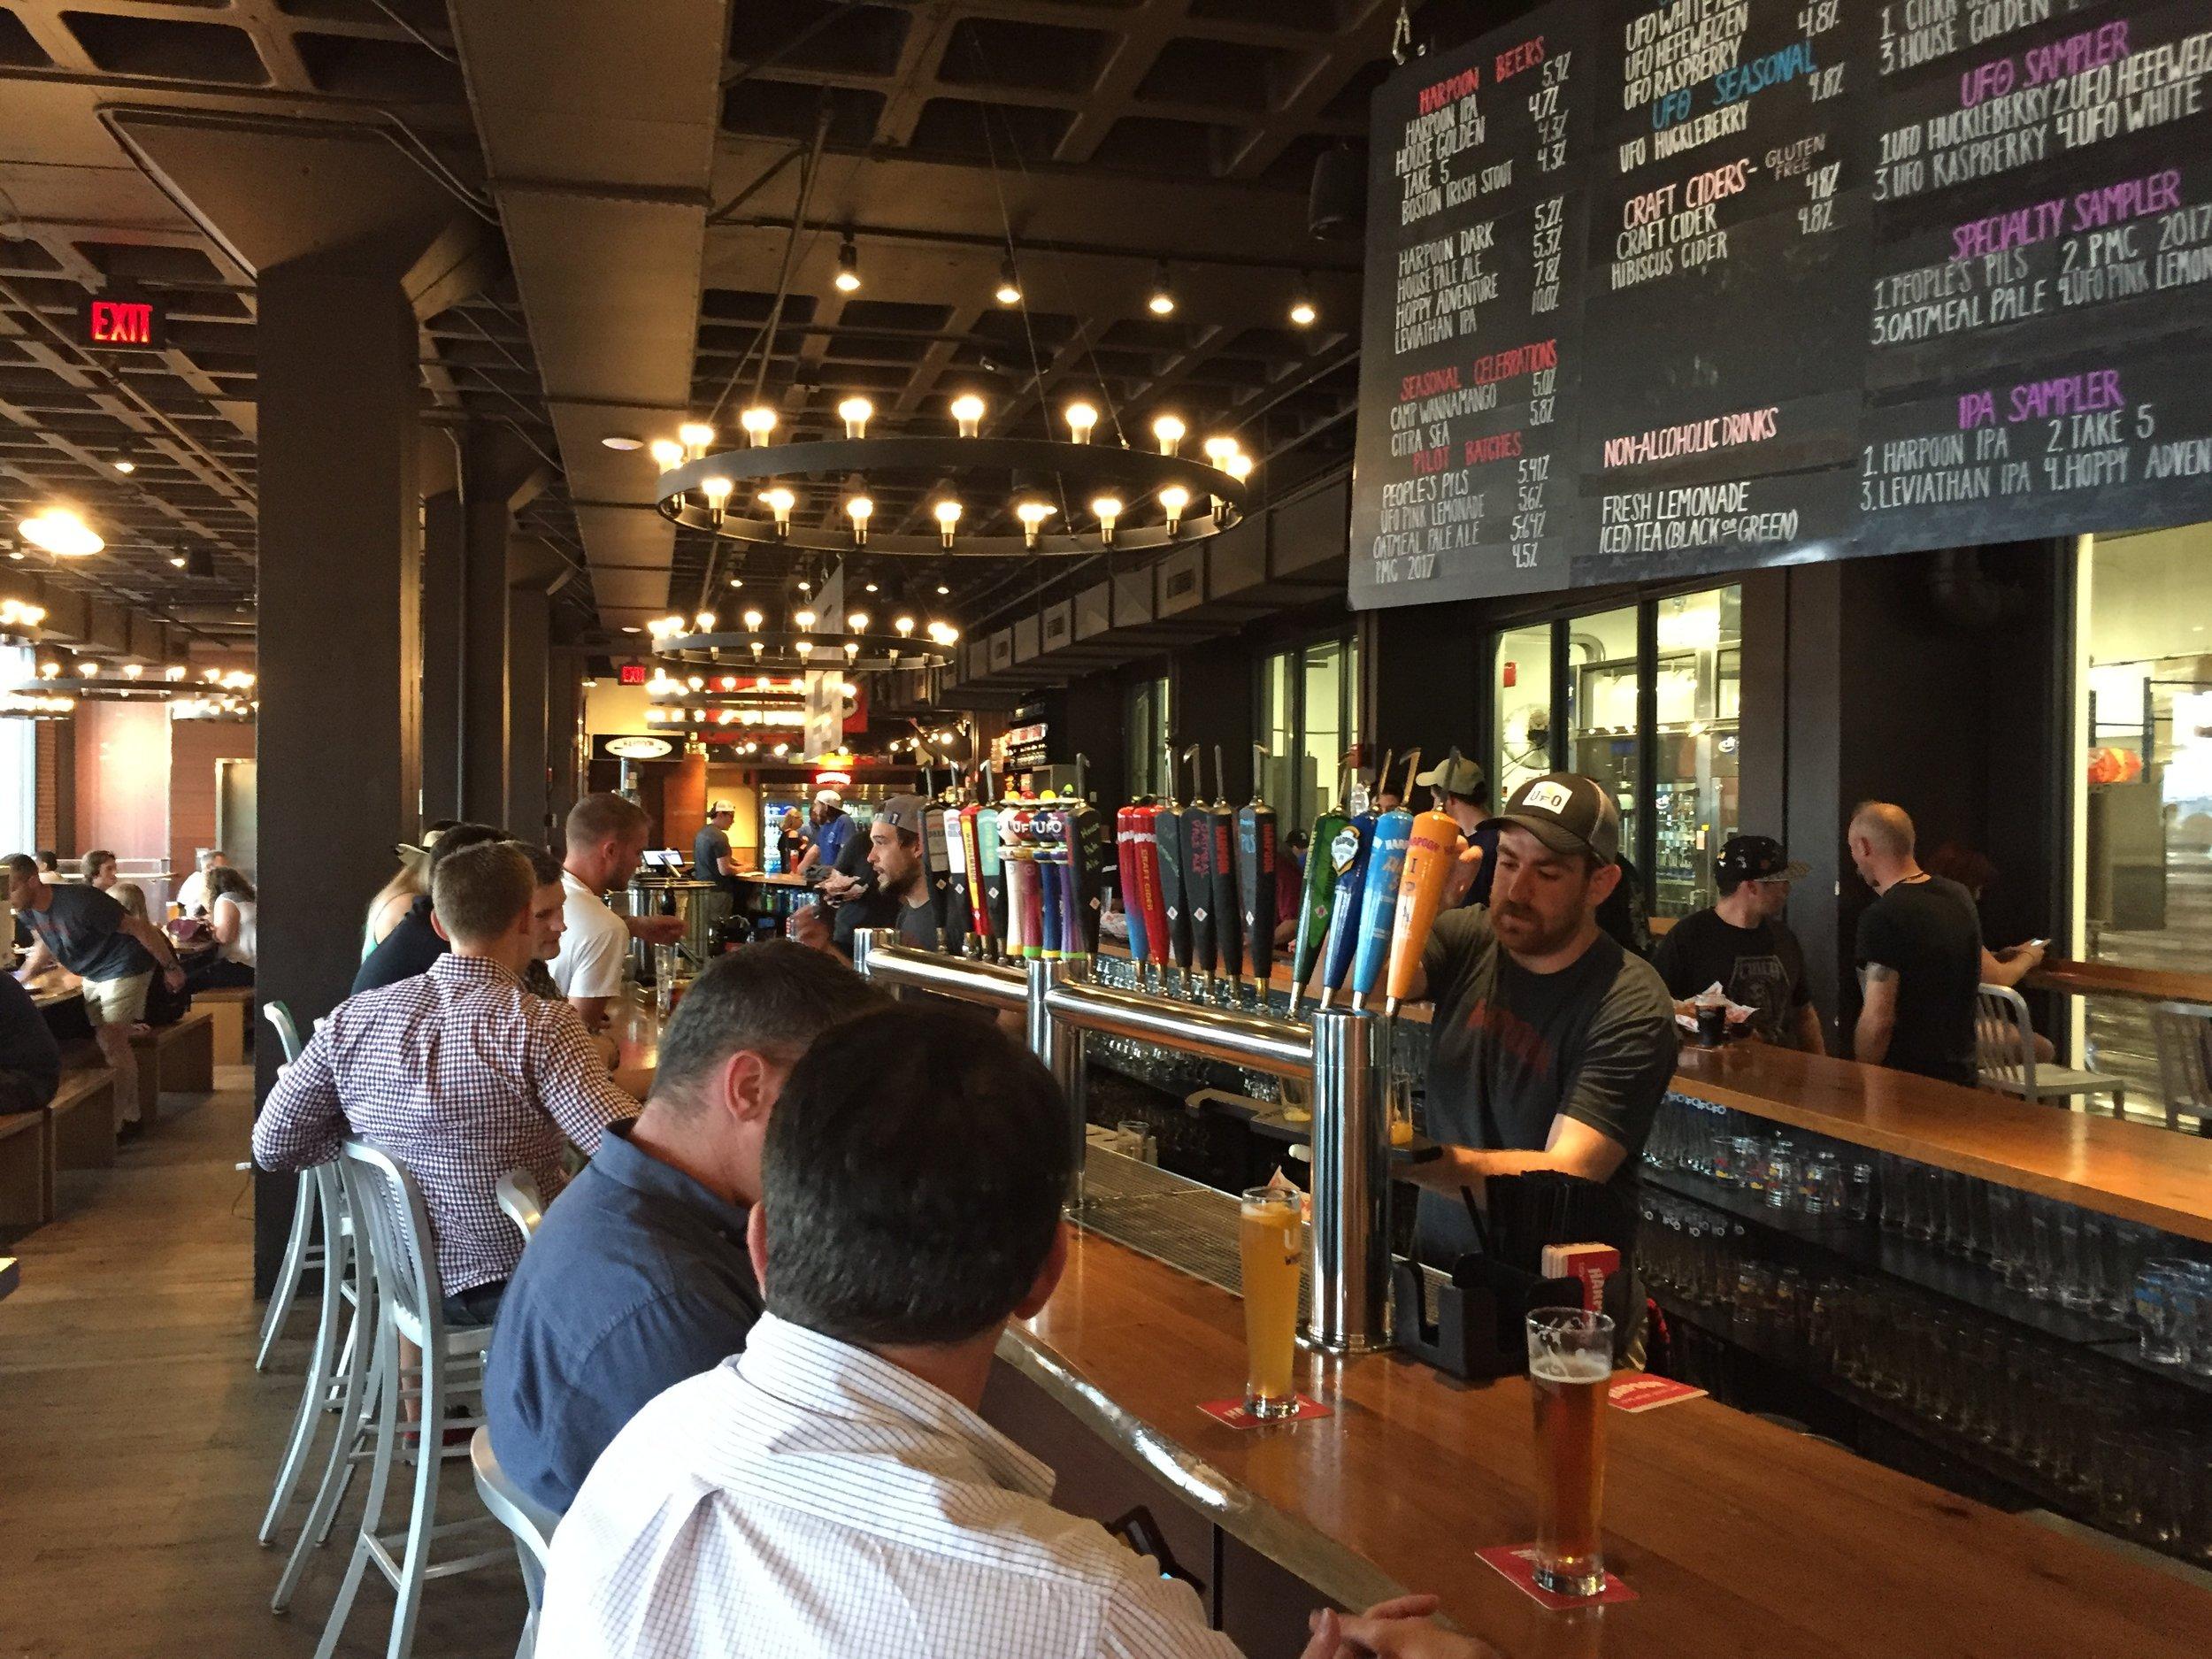 The longest bar in Boston?